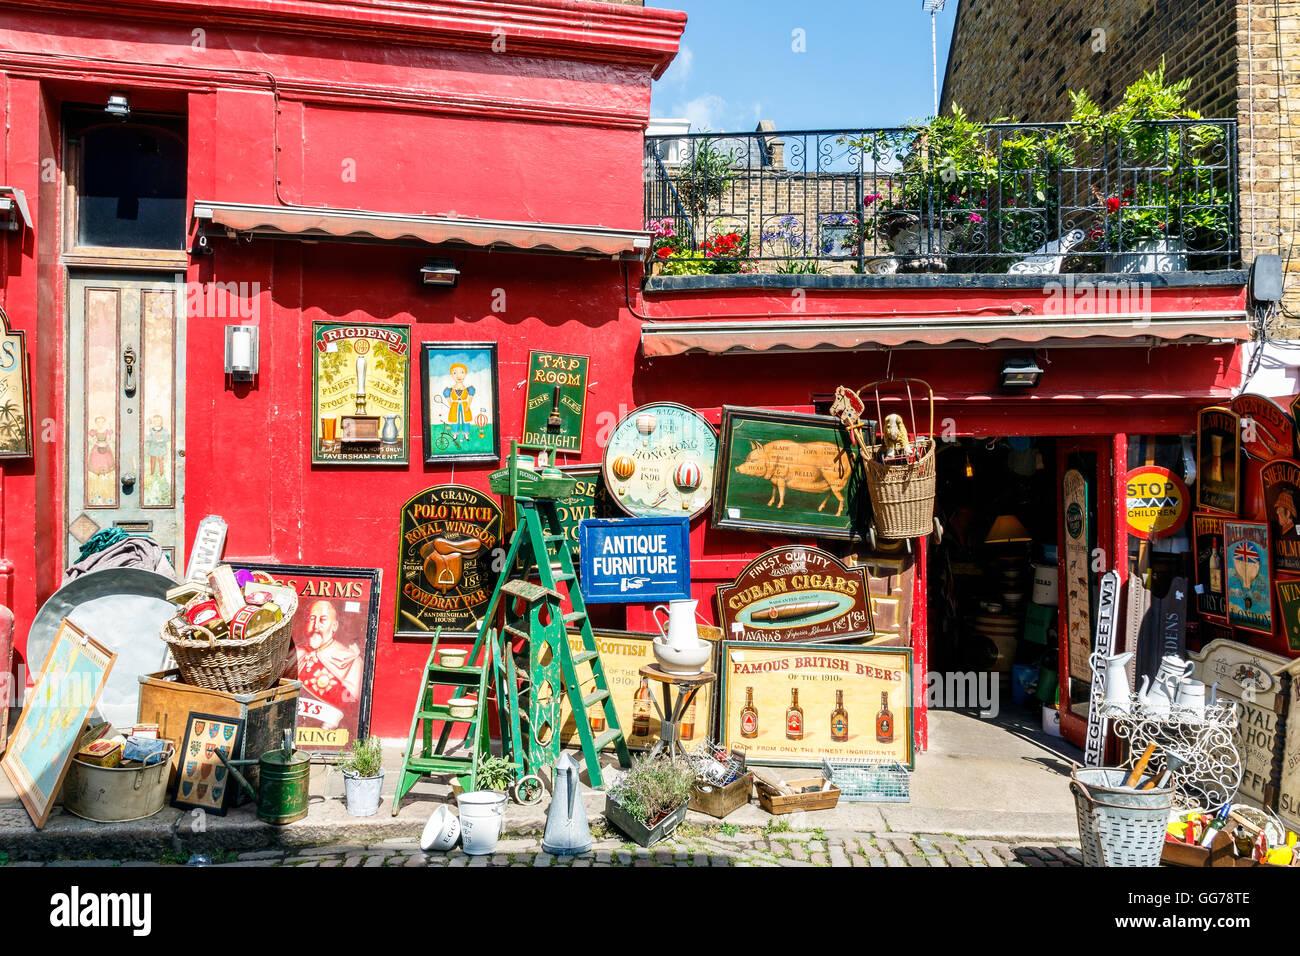 Tienda de antigüedades en el mercado de Portobello Road en Notting Hill, Londres Foto de stock